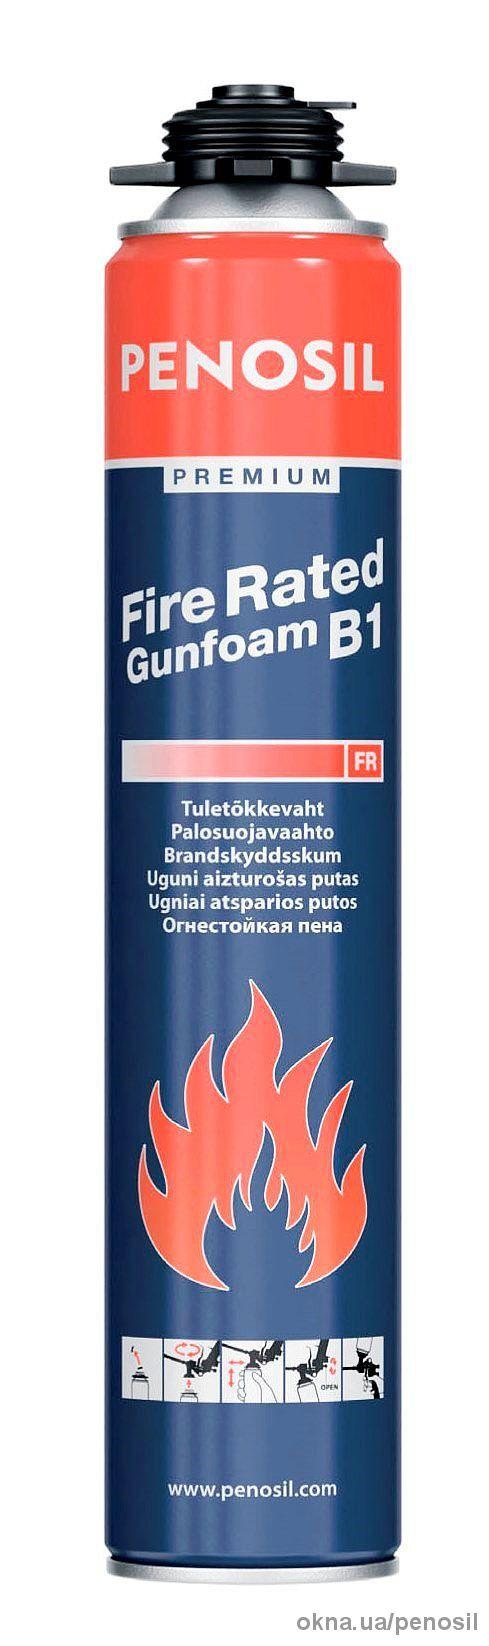 Пена огнестойкая PENOSIL Fire Rated (Украинский Серификат).